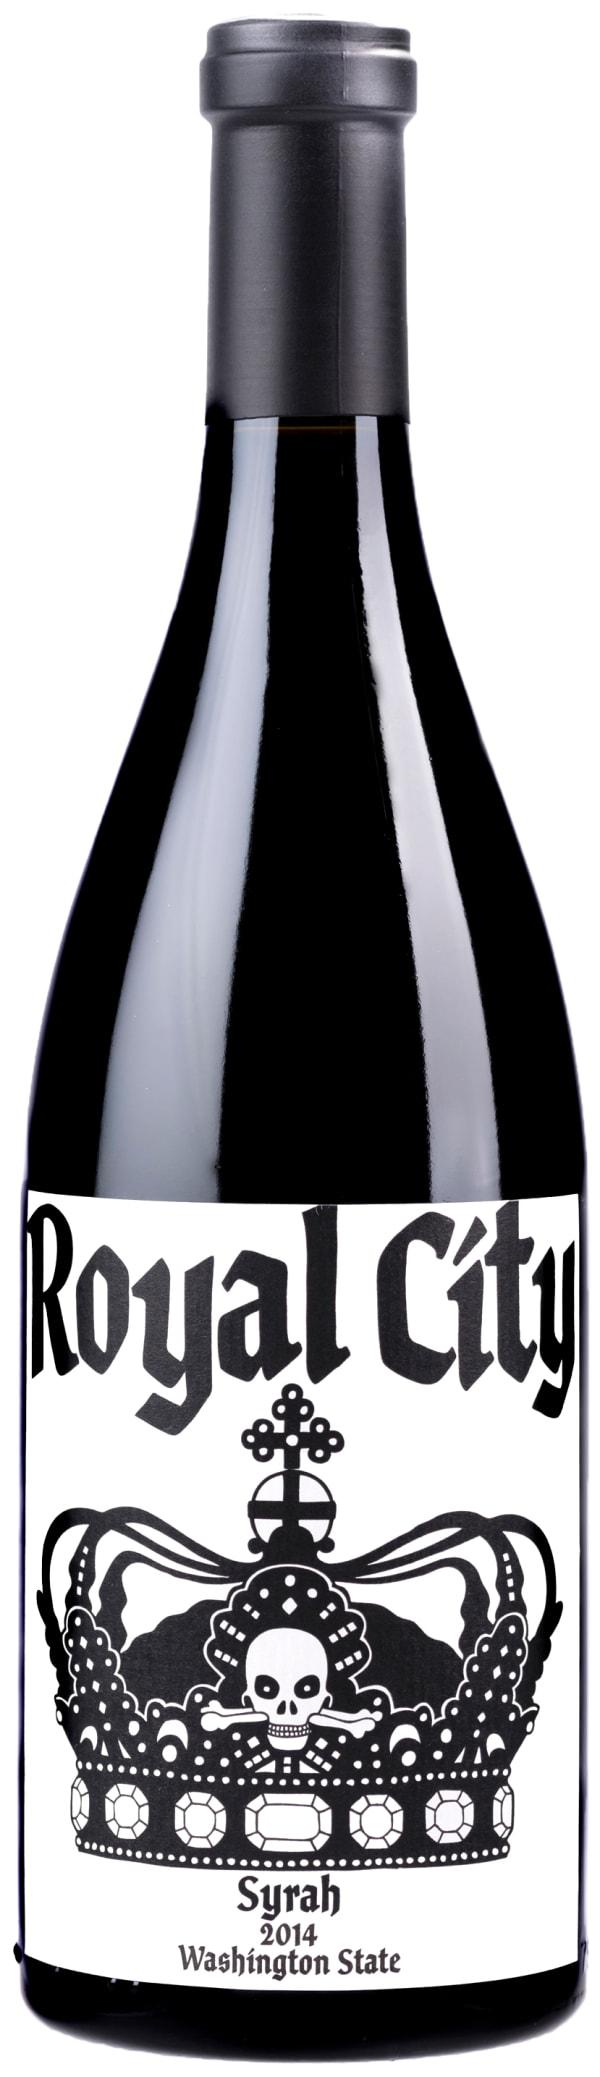 Royal City Syrah 2014